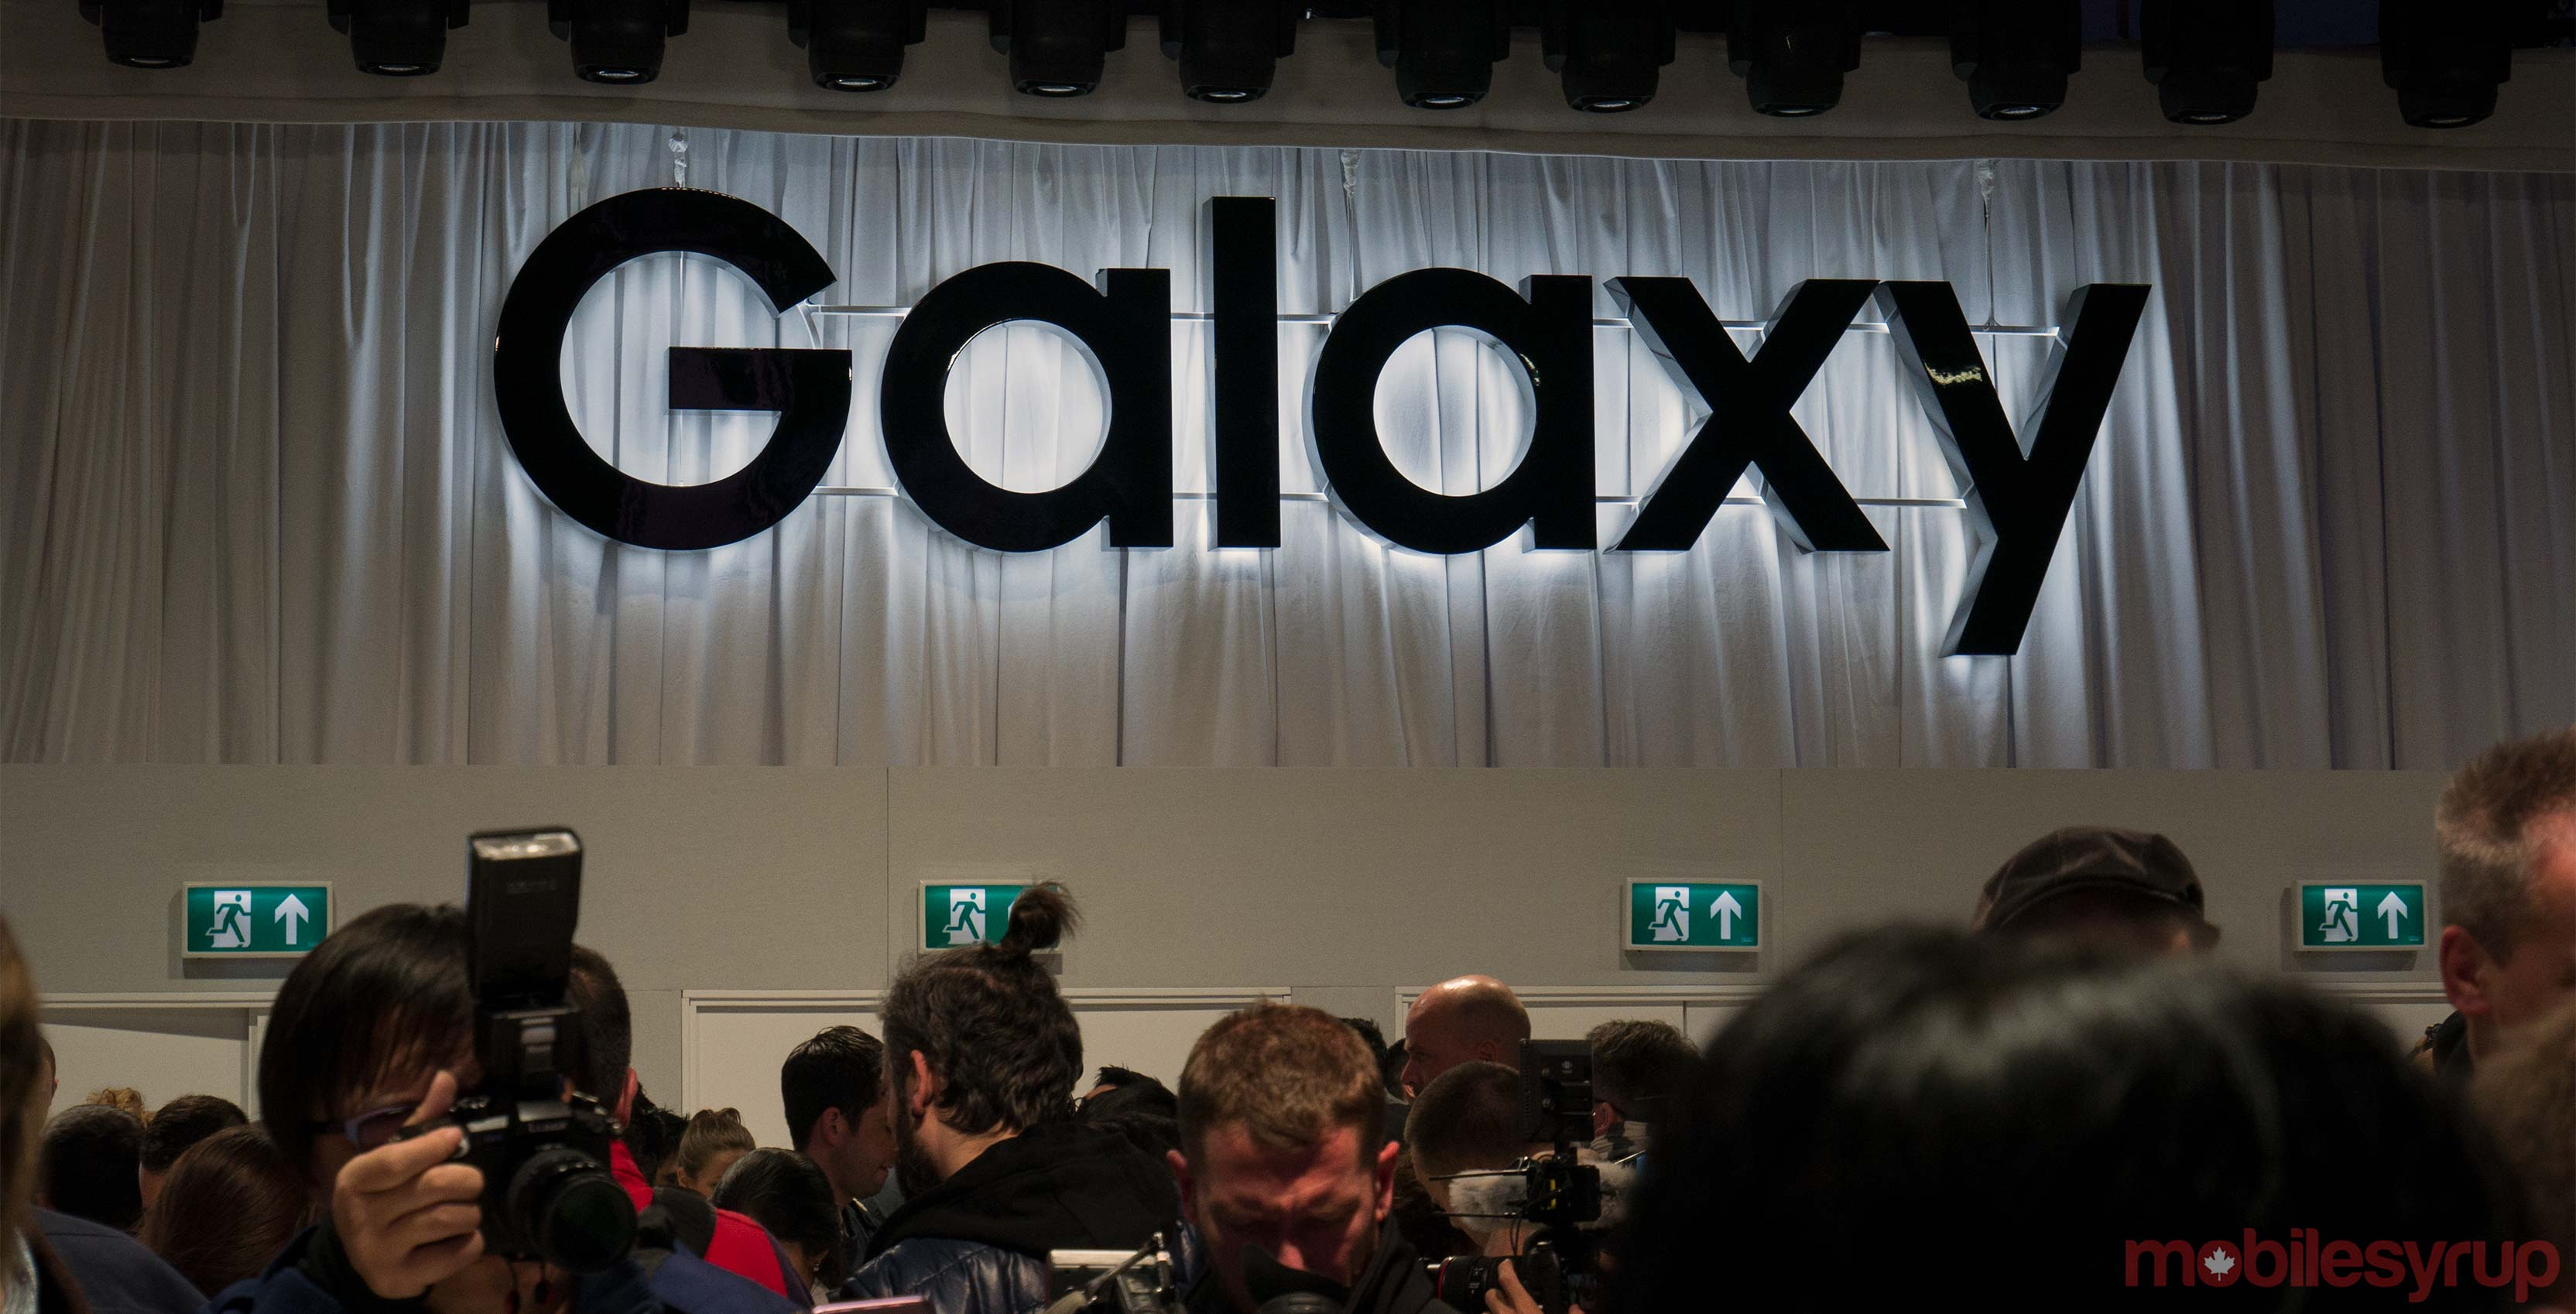 Samsung Galaxy logo